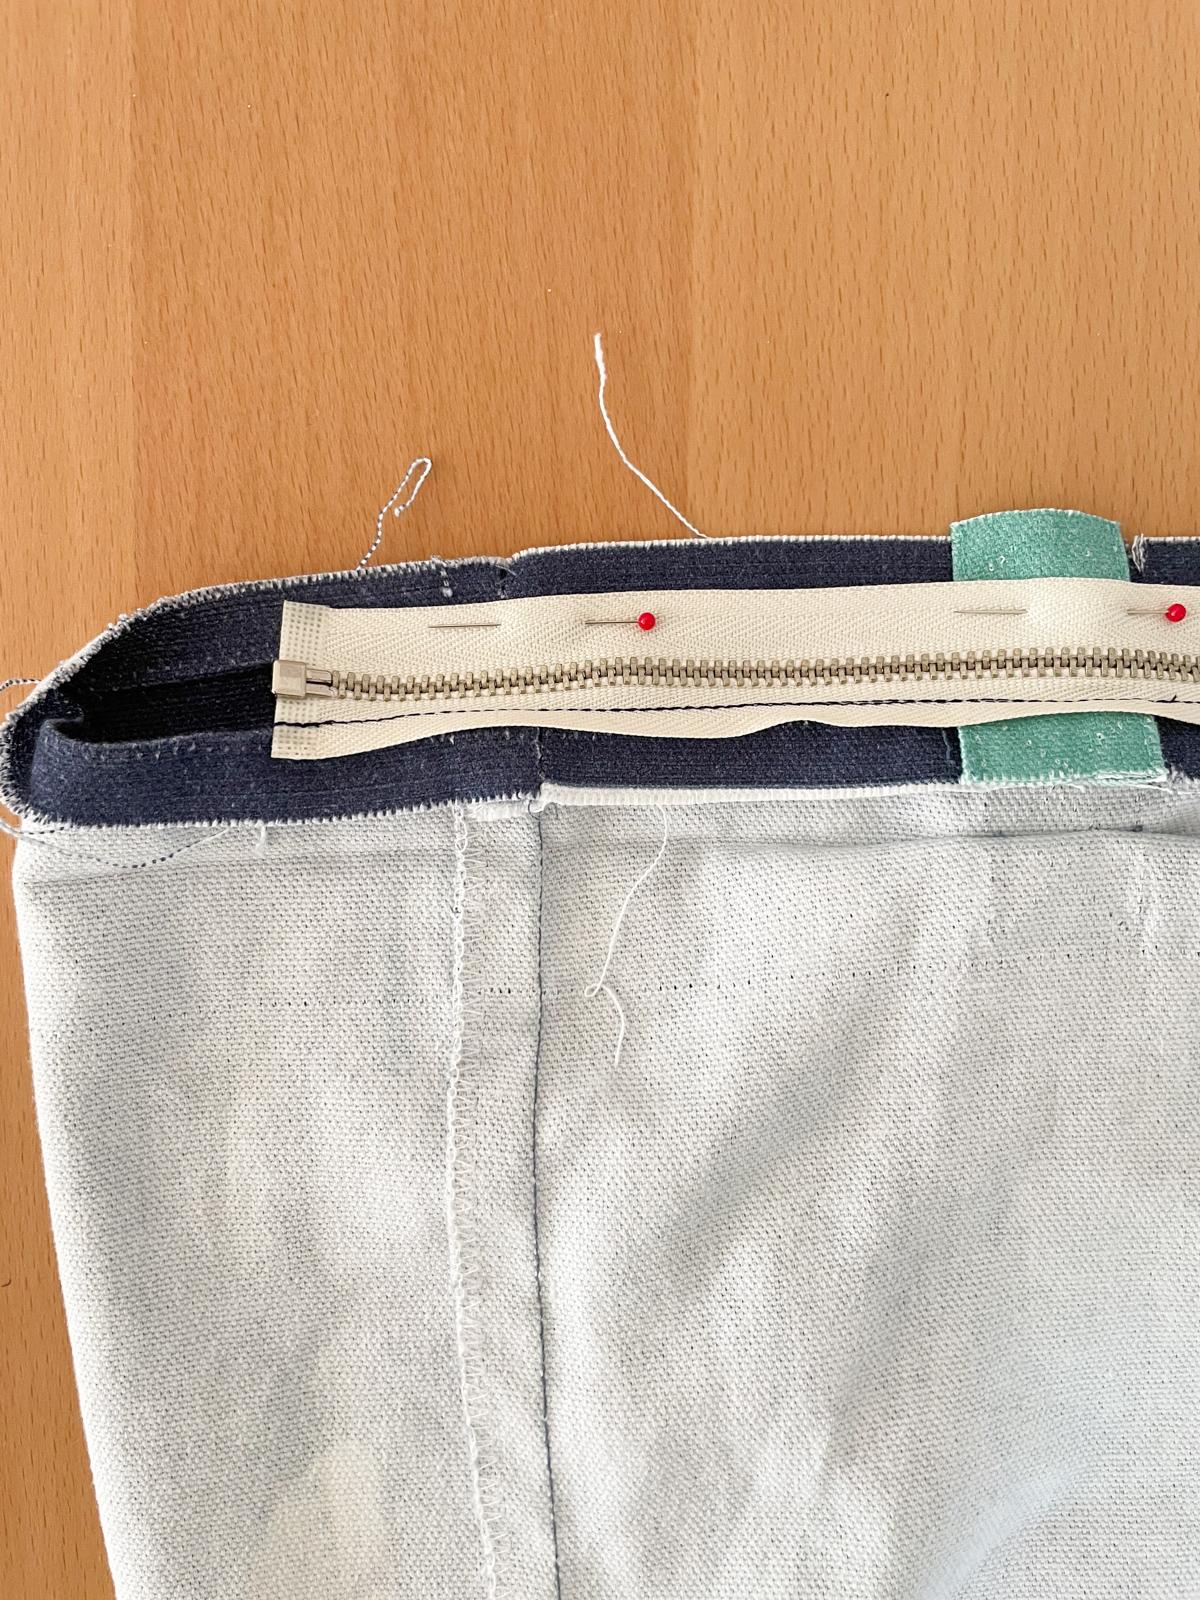 How to Add a Zip to a Tote Bag | Step 6, pin zip to remaining side. Megan Nielsen Patterns Blog